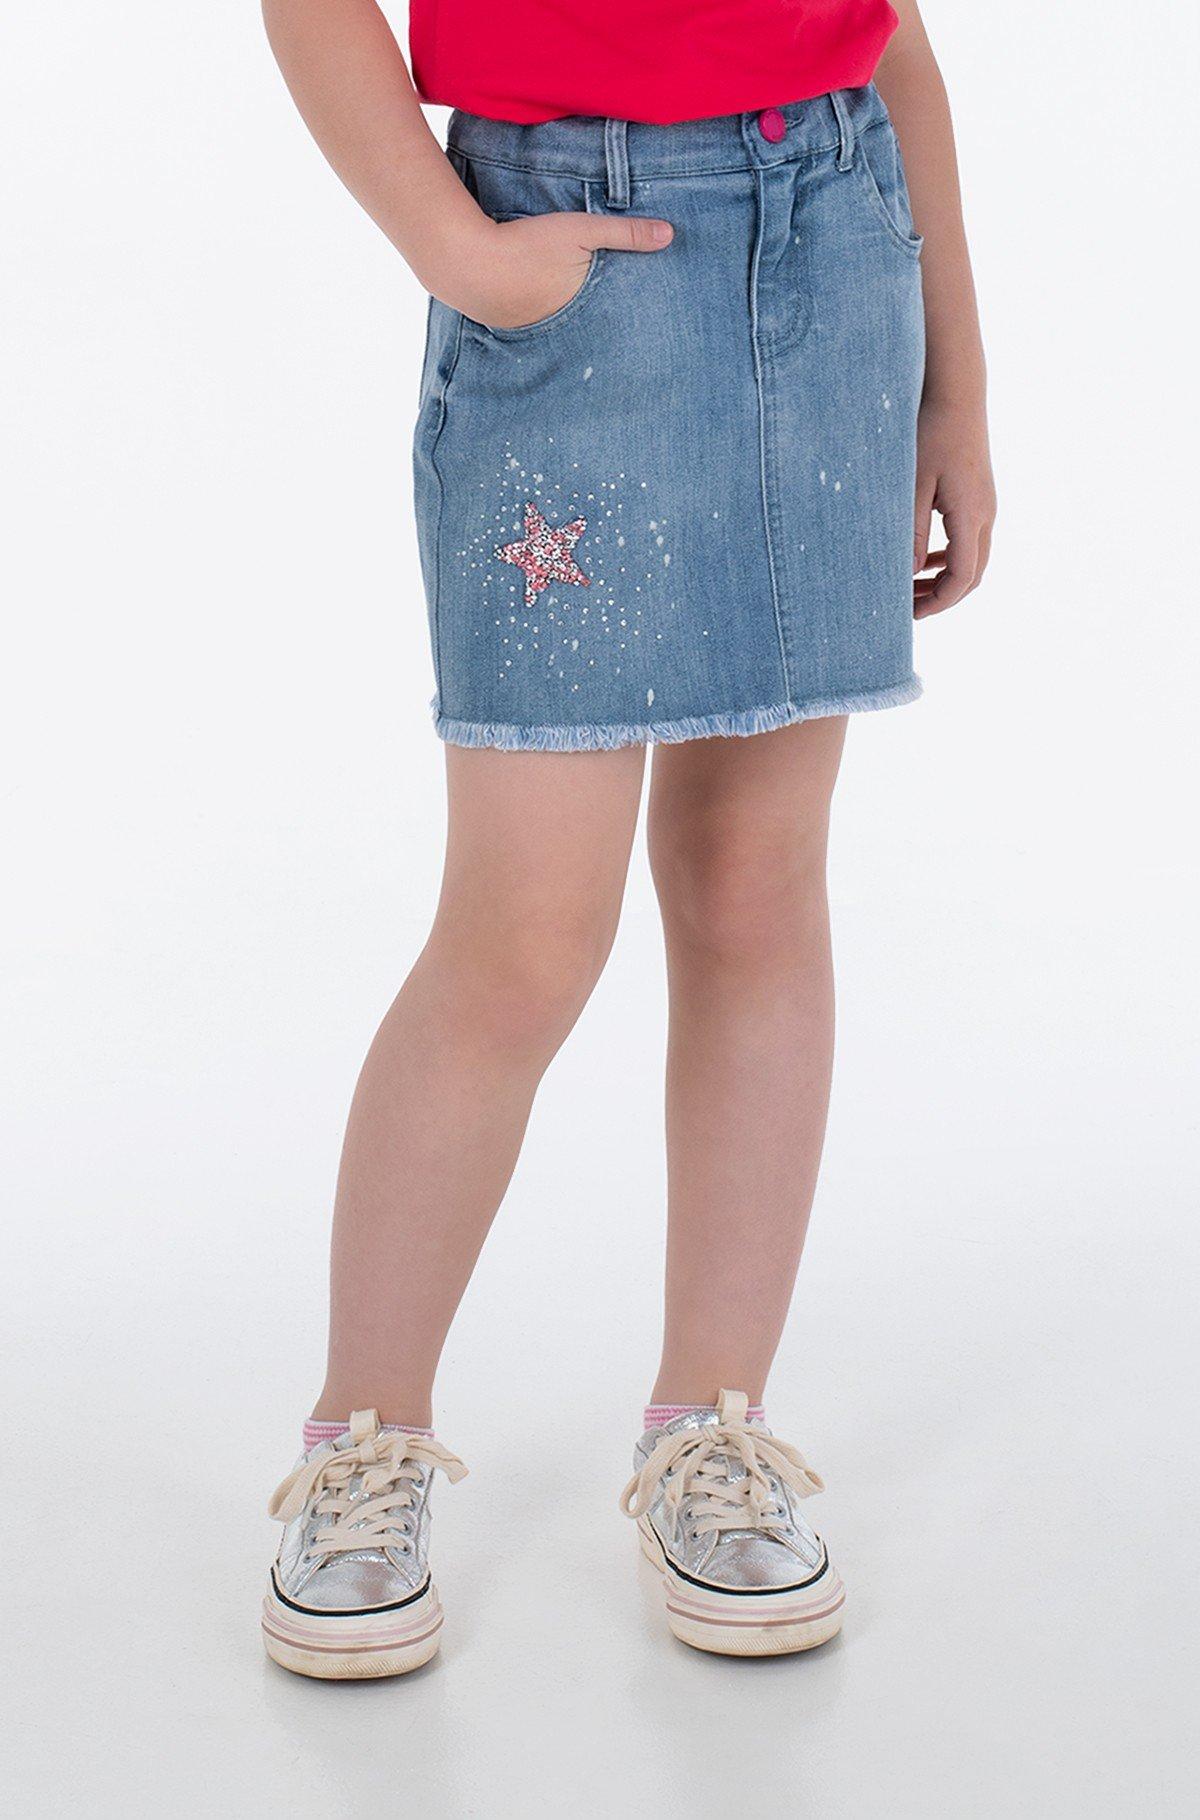 Children's denim skirt J1GD14 D4CA0-full-1